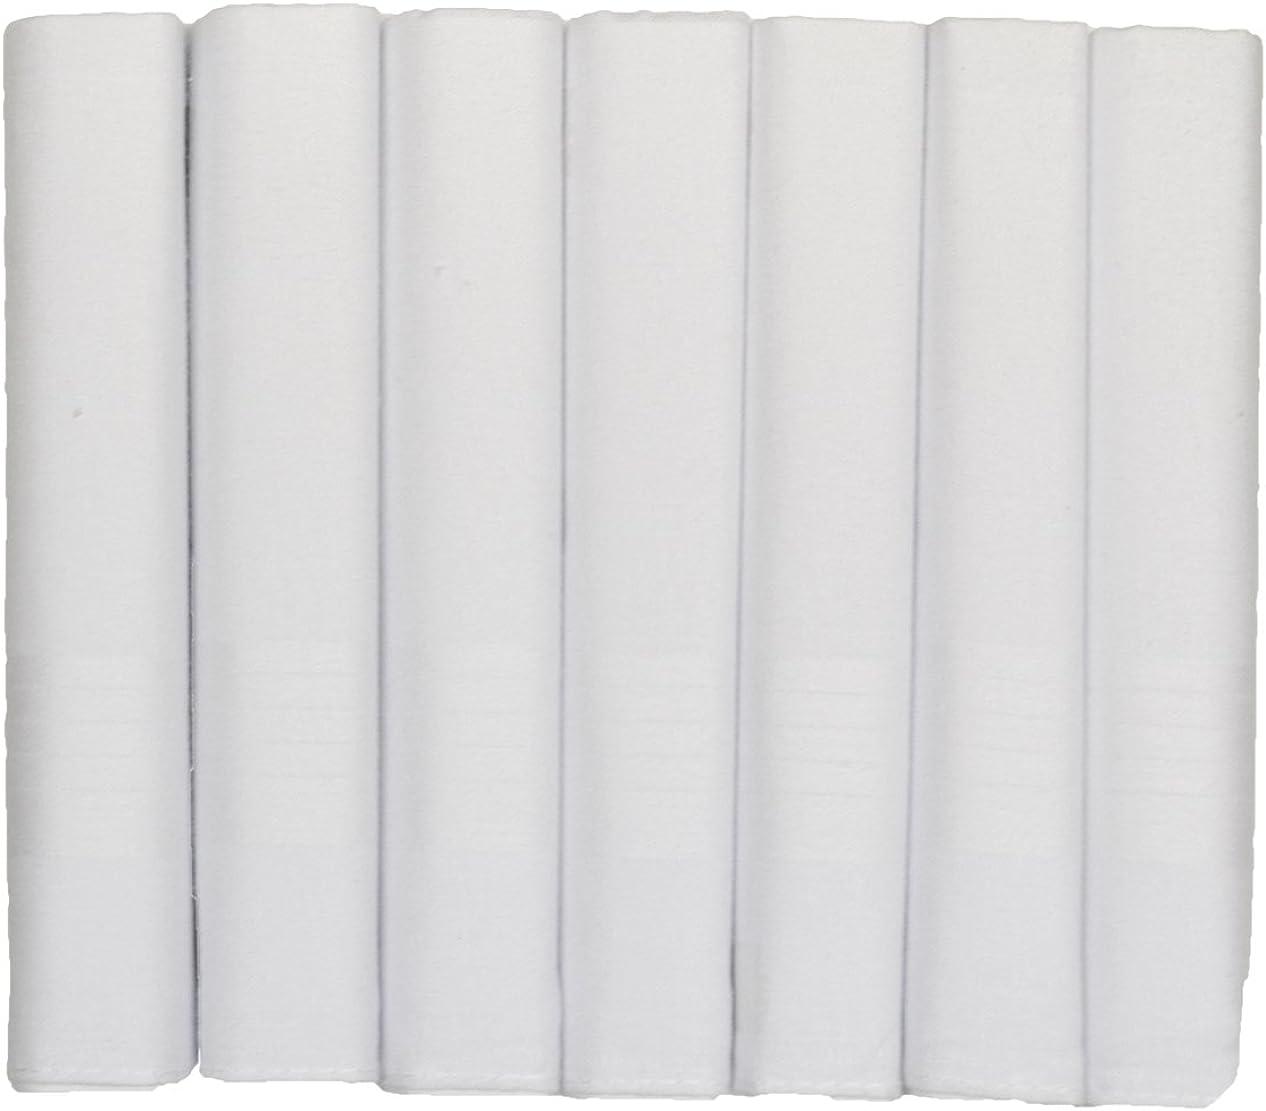 ETHO 7 Men's Boxed White Satin Handkerchiefs 100% Cotton